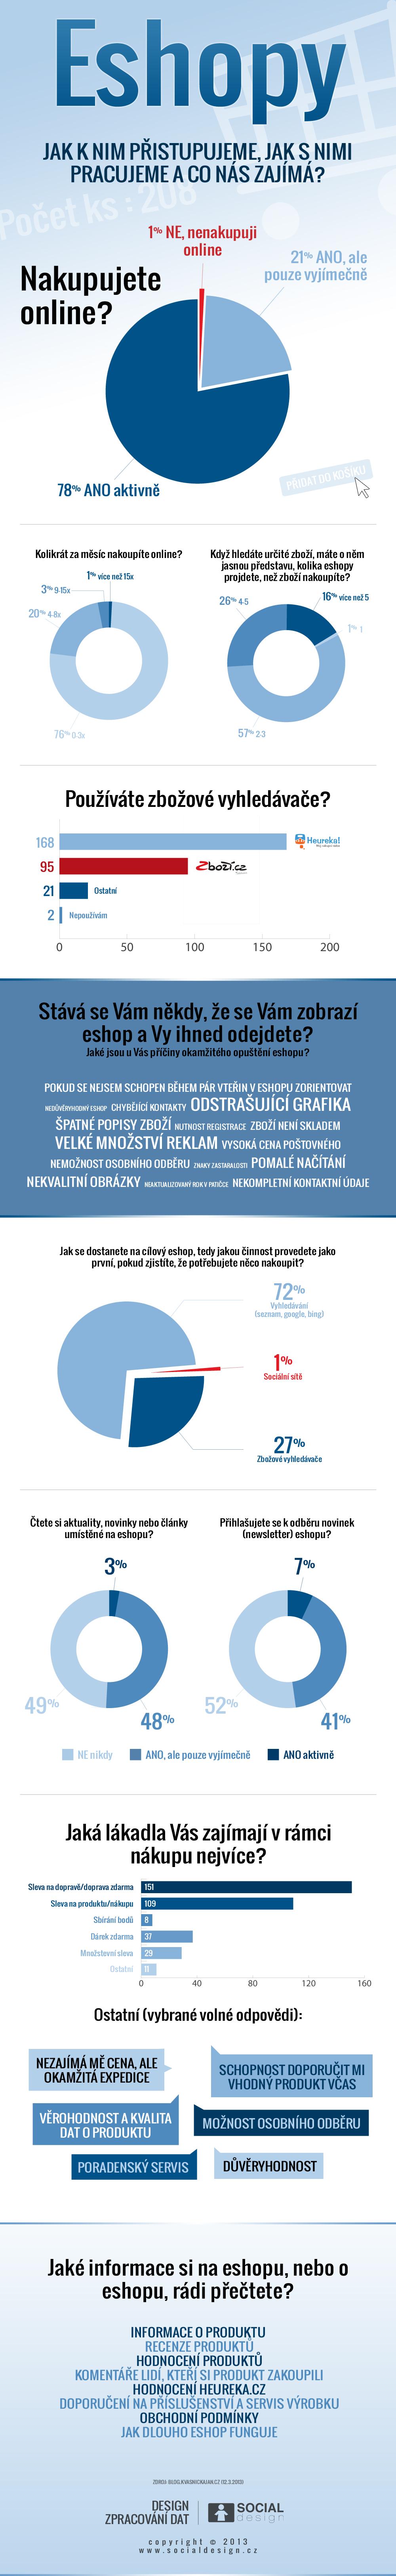 Infografika - Eshopy, jak k nim přistupujeme a co nás zajímá